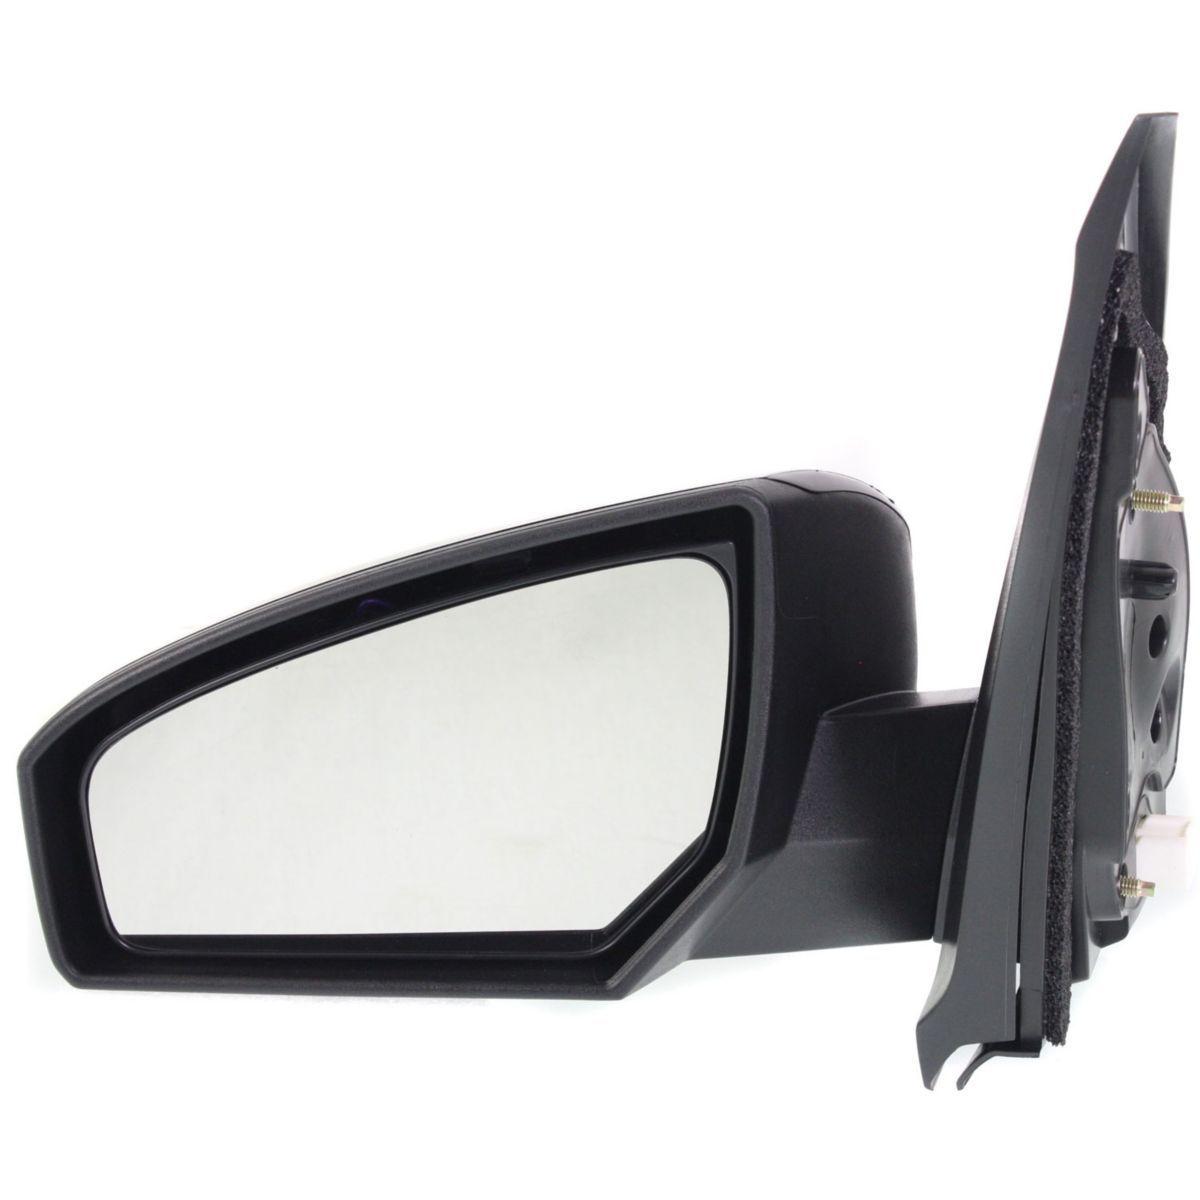 ミラー Power Left Side View Mirror For 07-12 Nissan Sentra Sedan NI1320167 Non-Heated 07-12日産セントラセダンNI1320167用パワー左サイドビューミラー